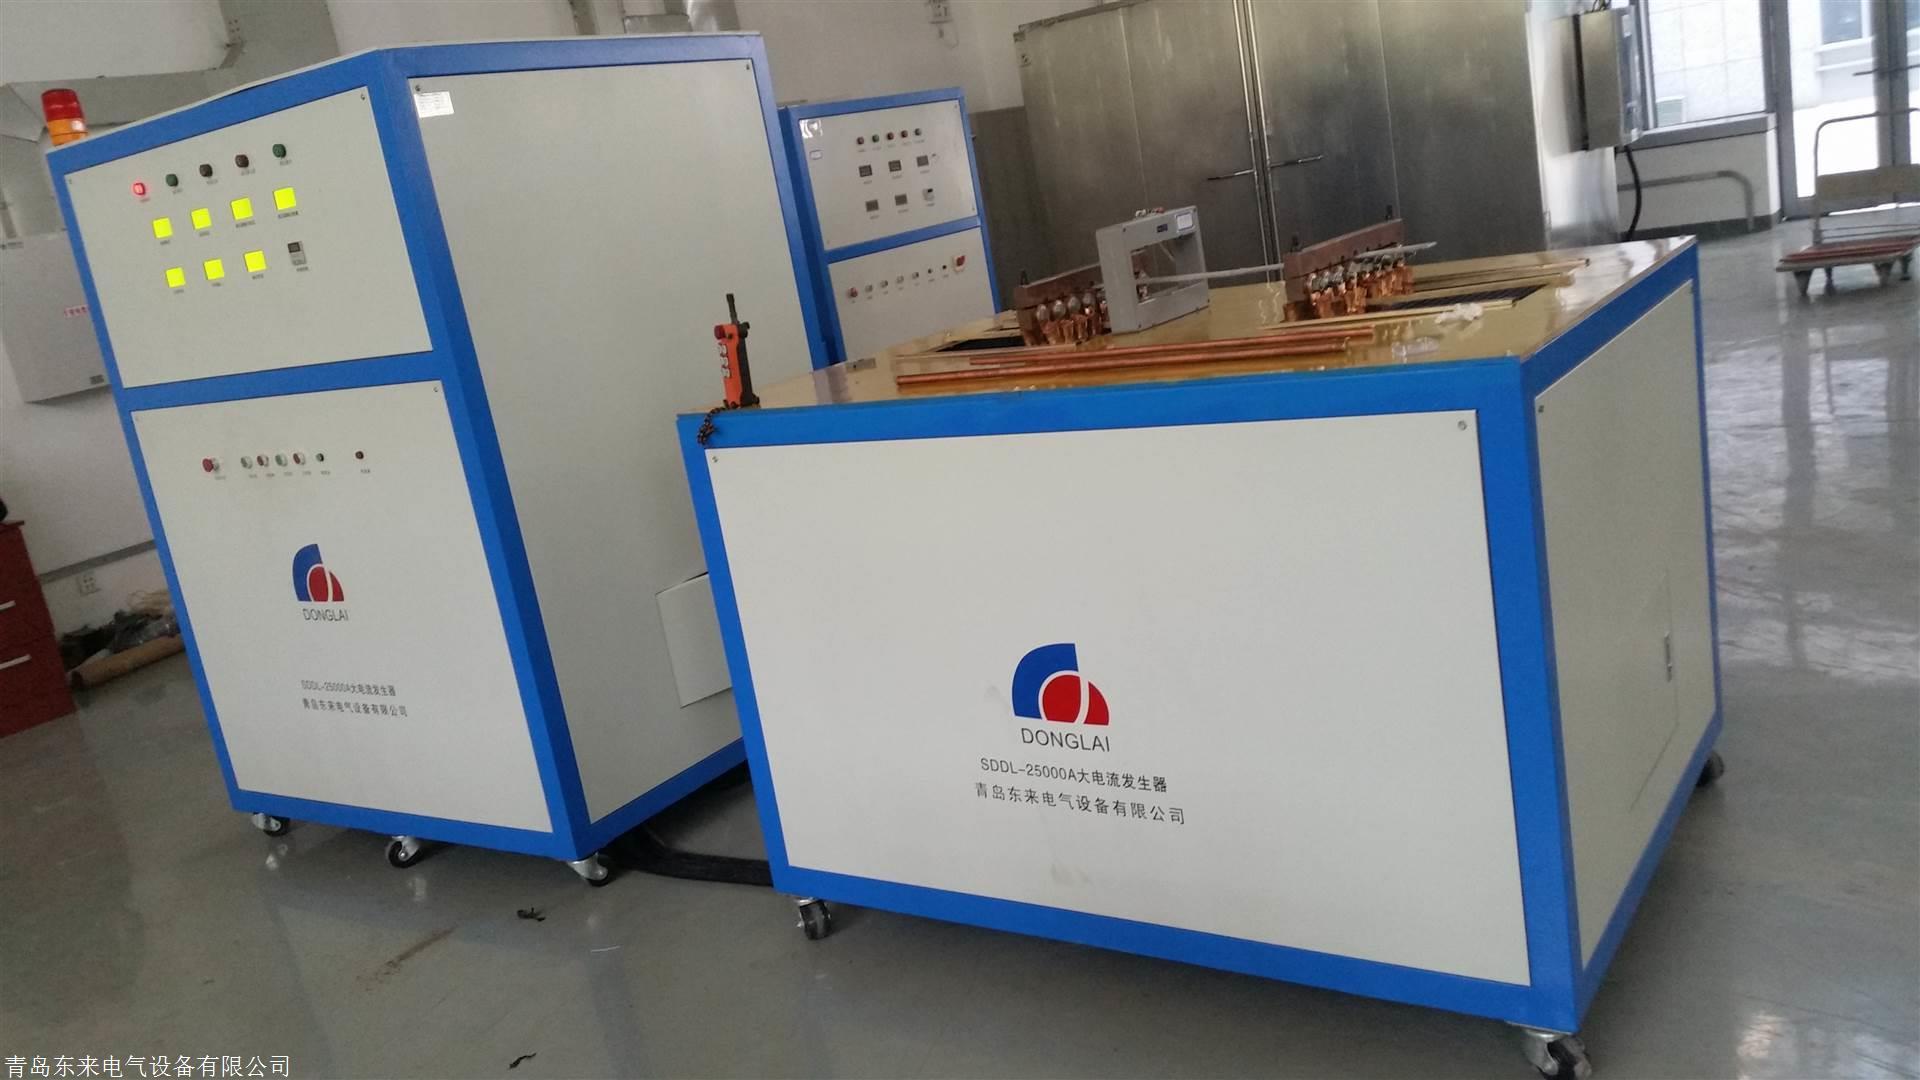 郑州大电流发生器厂家 500a大电流发生器